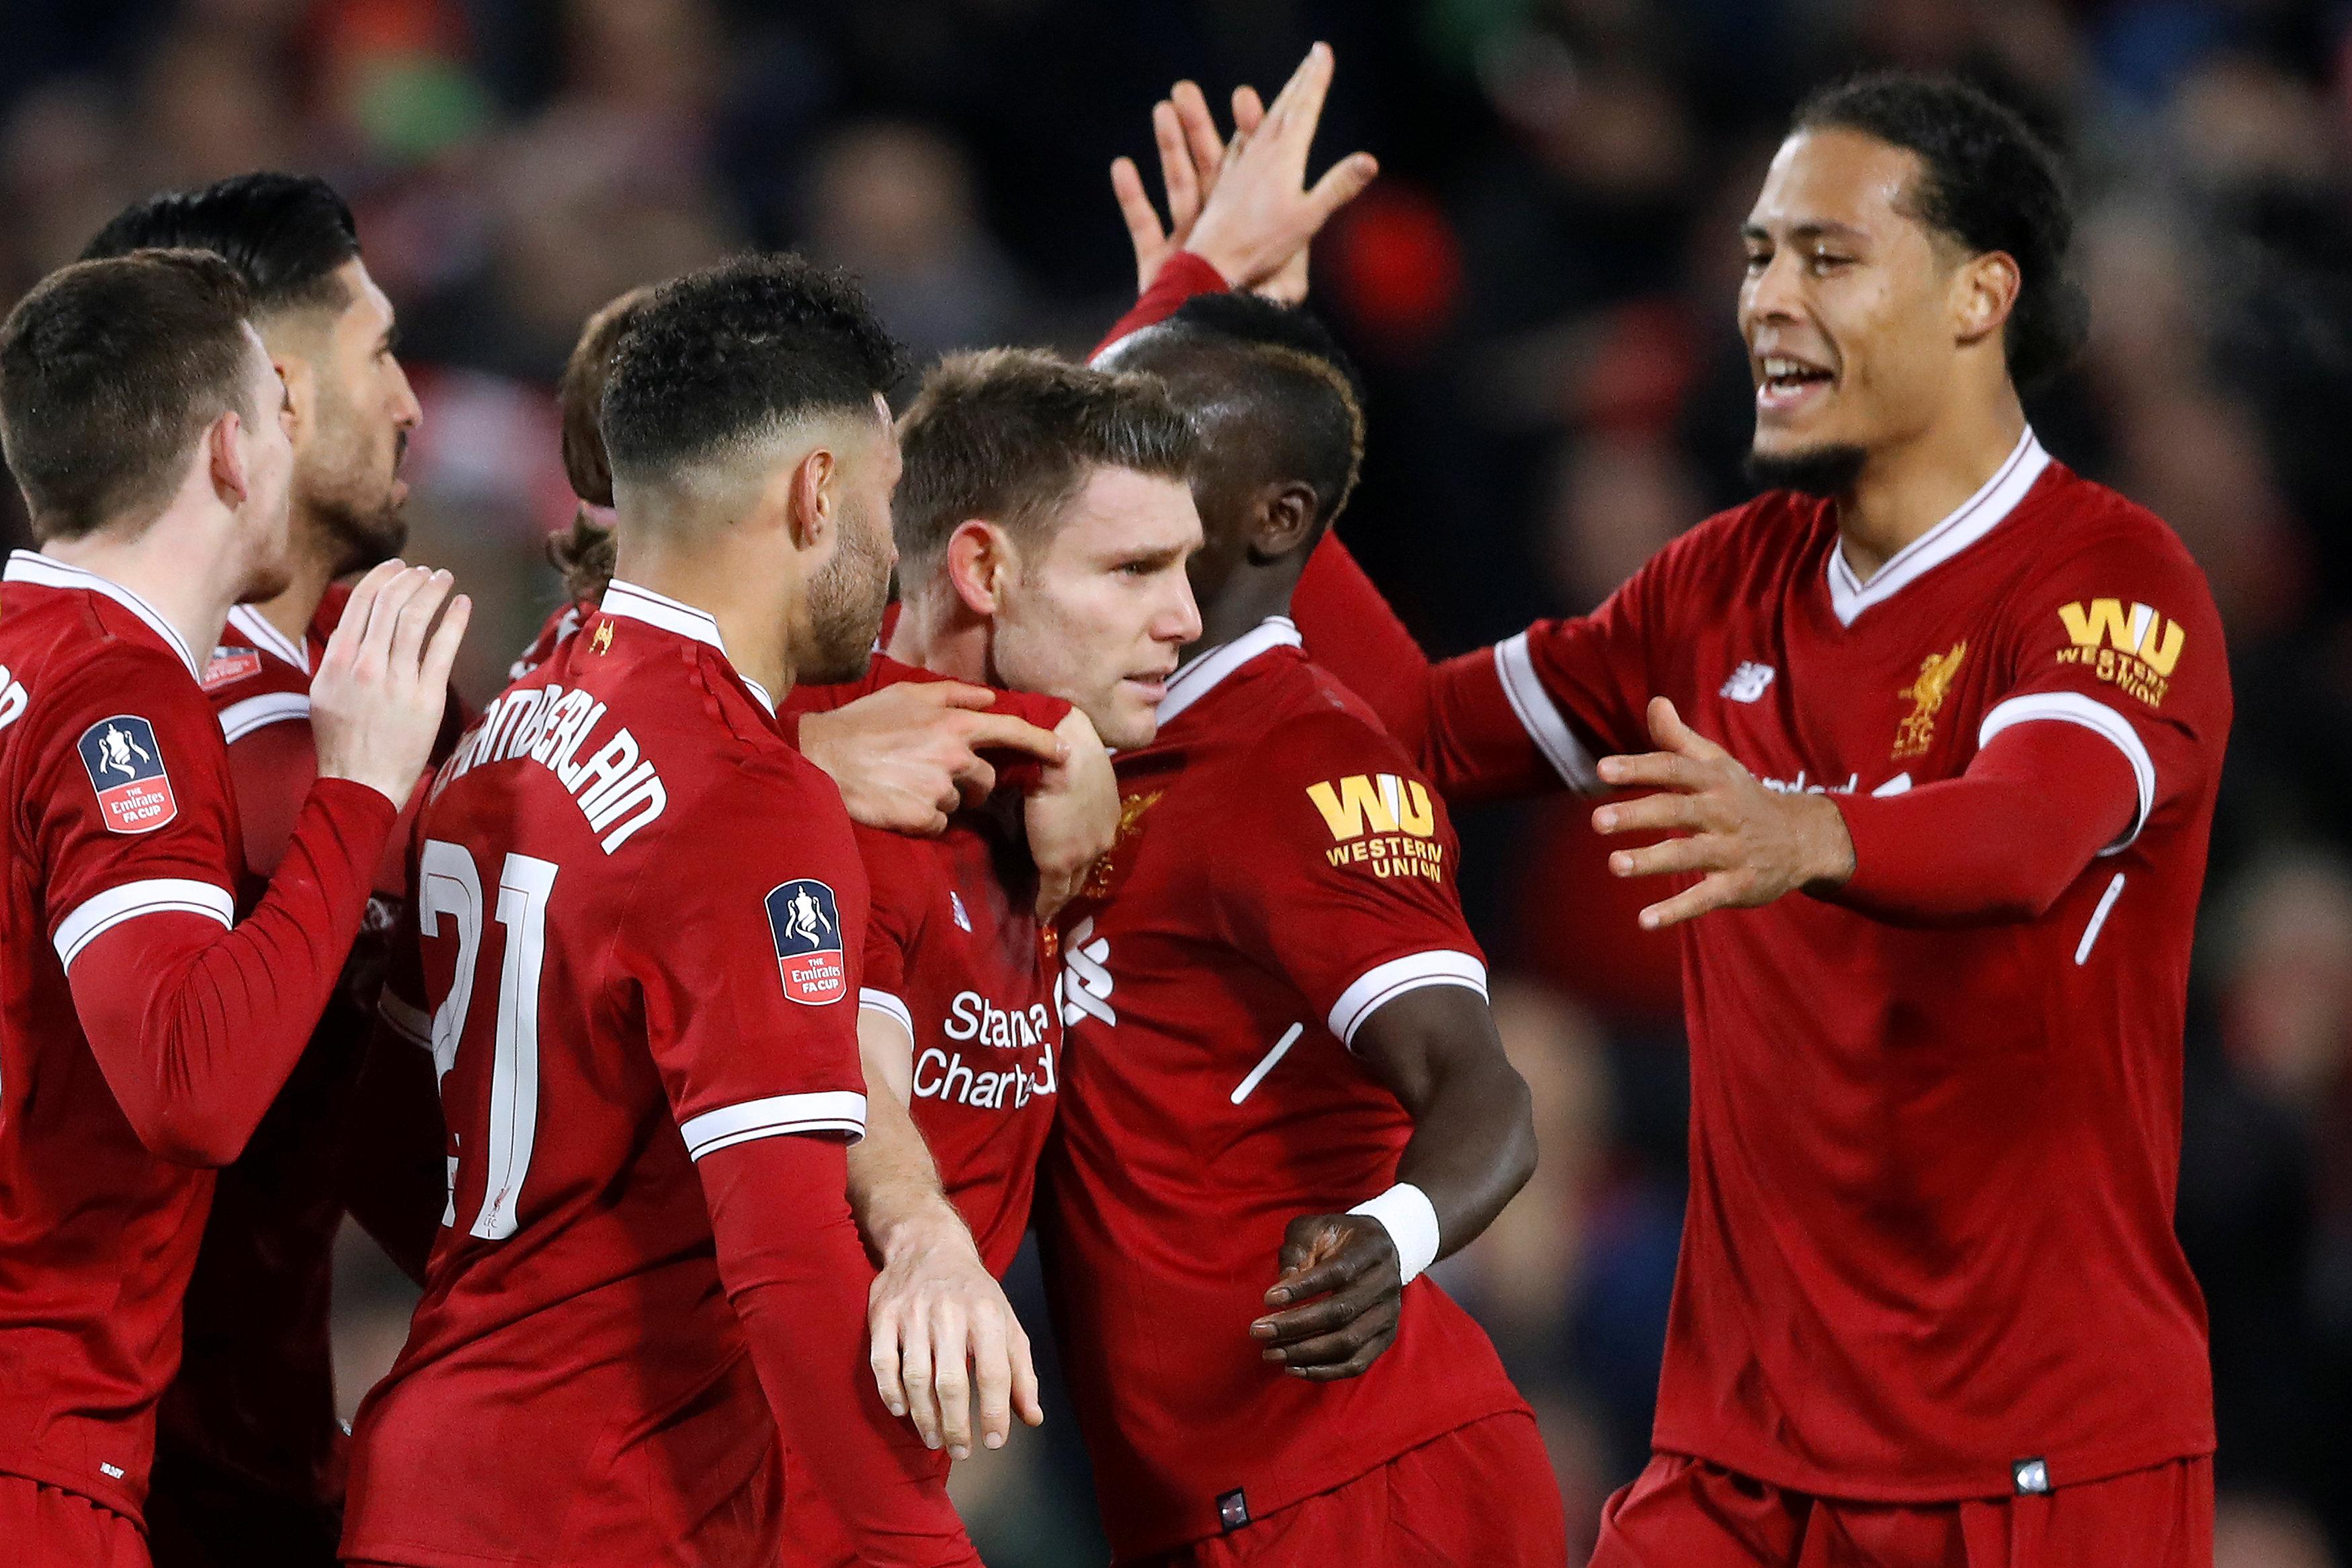 Niềm vui của các cầu thủ Liverpool sau khi Milner mở tỉ số. Ảnh: REUTERS